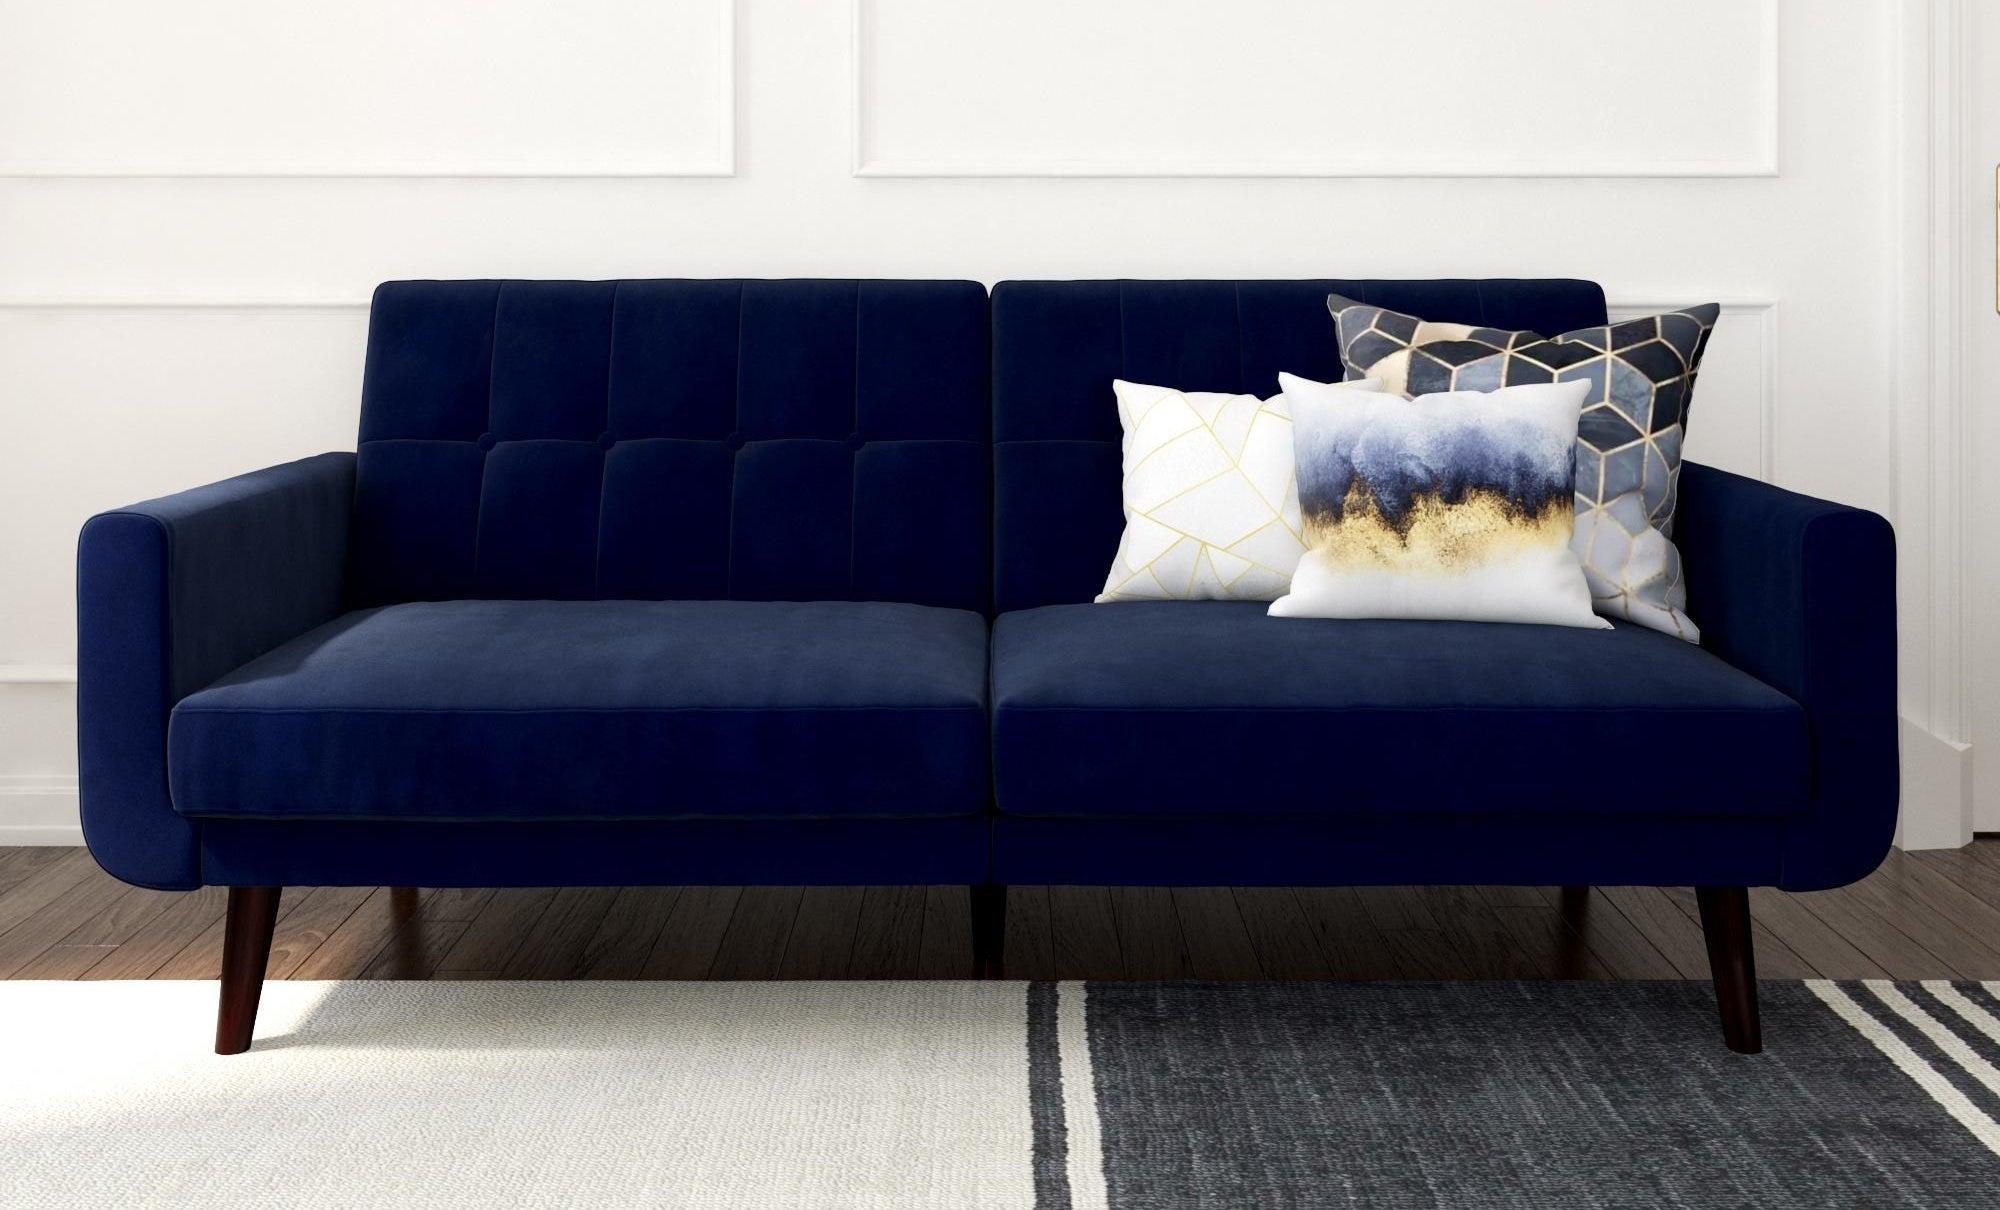 a velvet blue couch